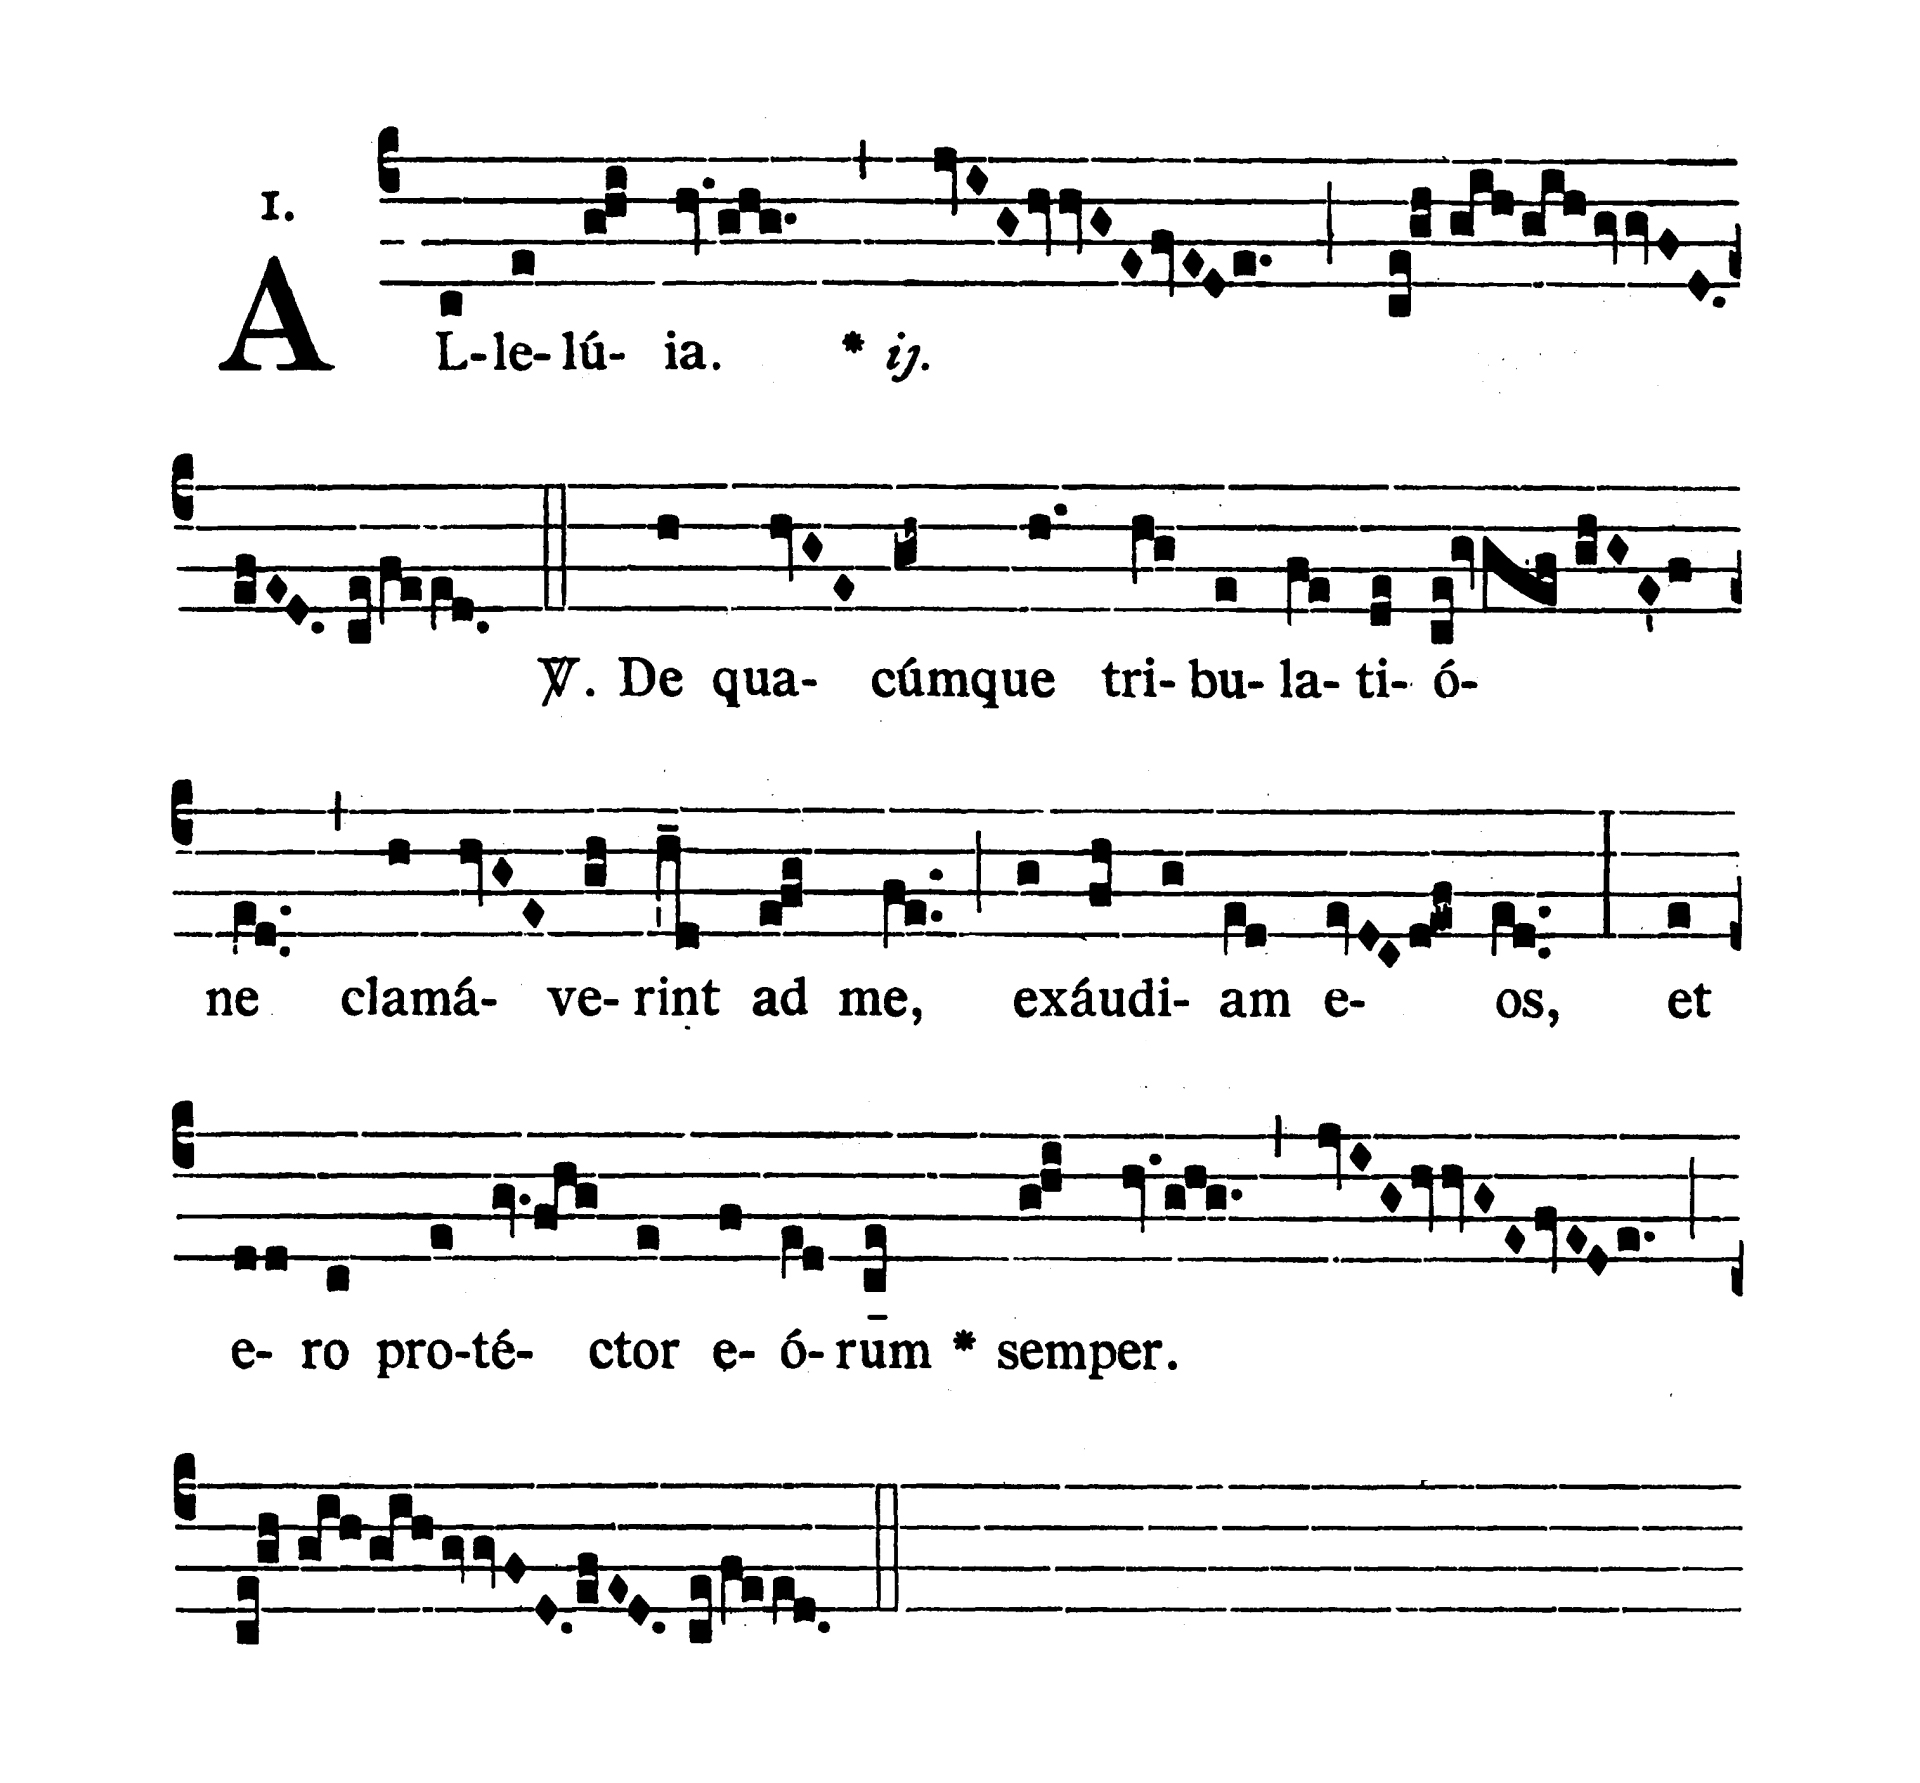 Sancti Joseph the Worker Opificis Sponsis Beatae Mariae Virginis Confessoris (Saint Joseph Spouse of the Blessed Virgin Mary Confessor) - Alleluia (De quacumque tribulatione)